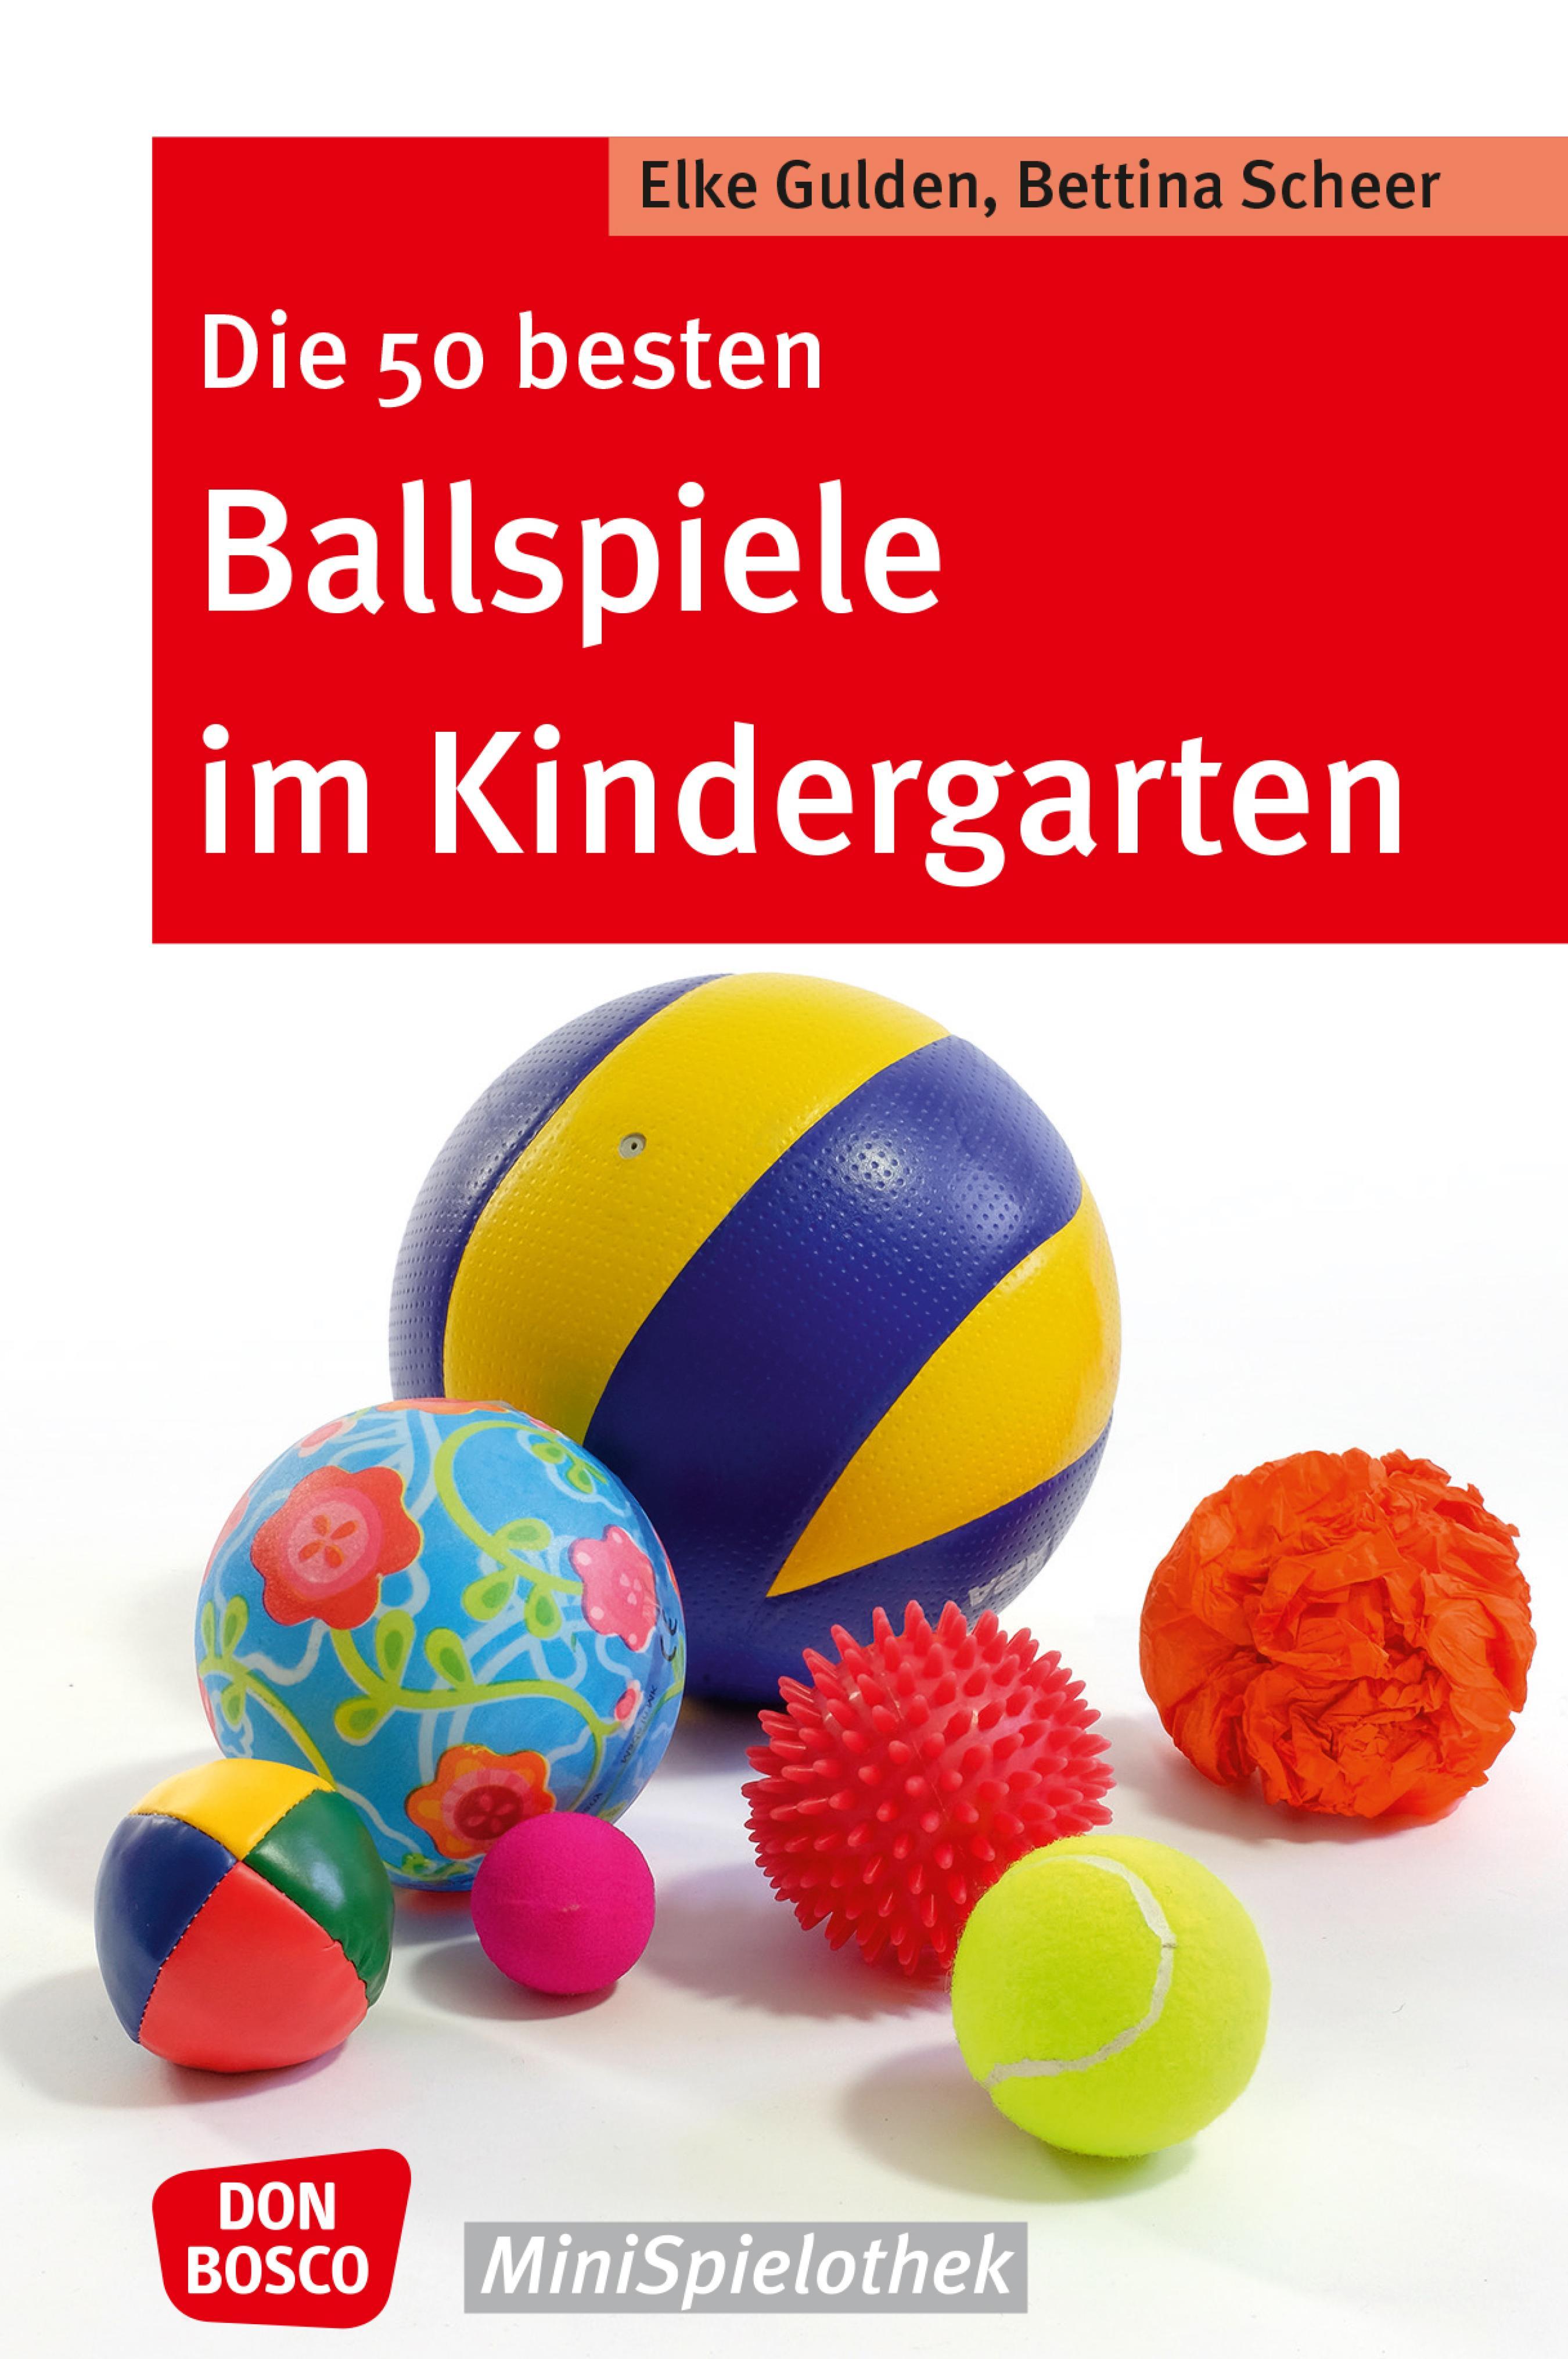 Die 50 besten Ballspiele im Kindergarten - eBook